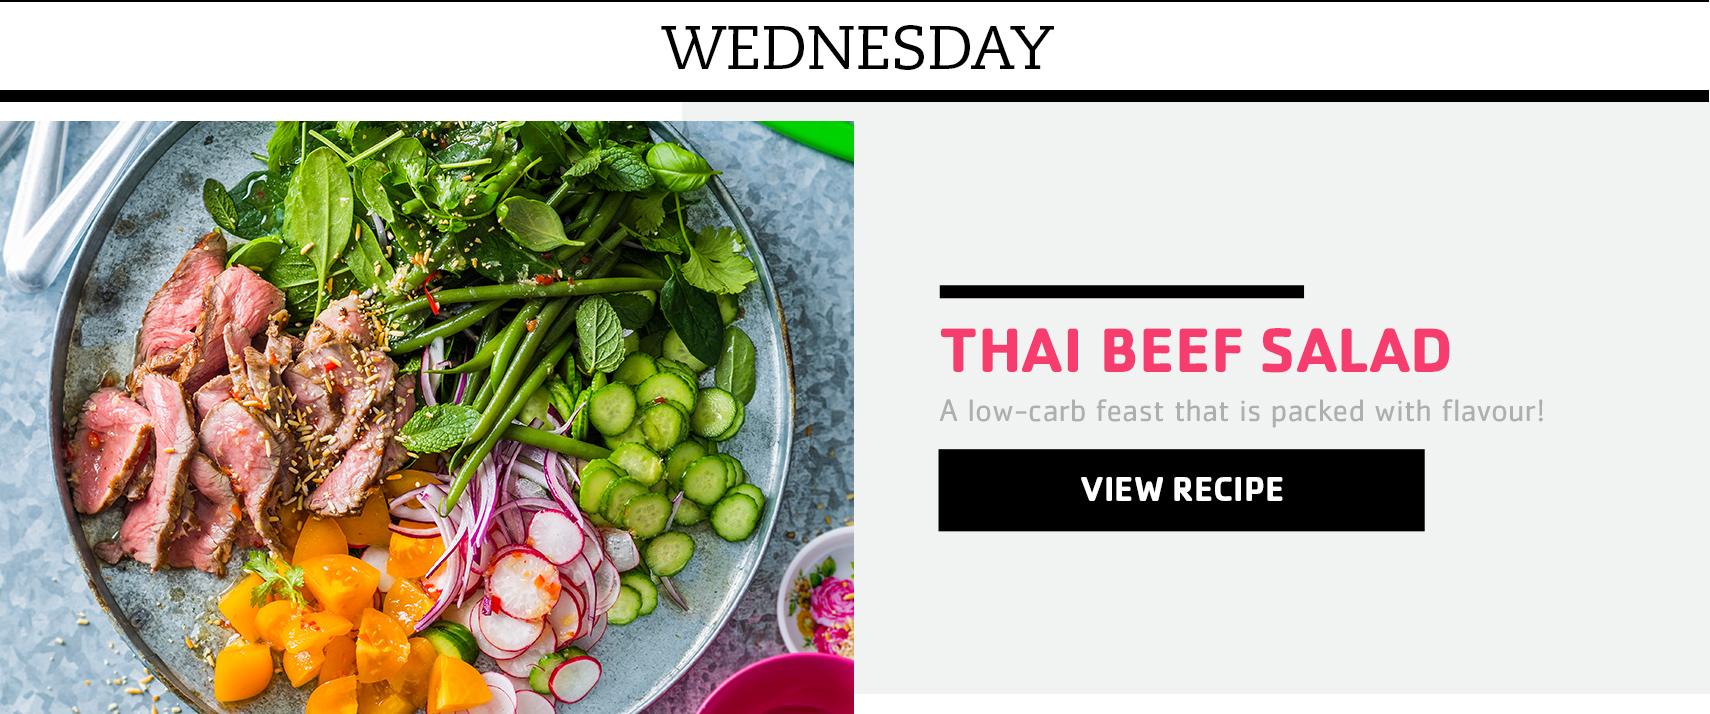 03-thai-beef-salad.jpg